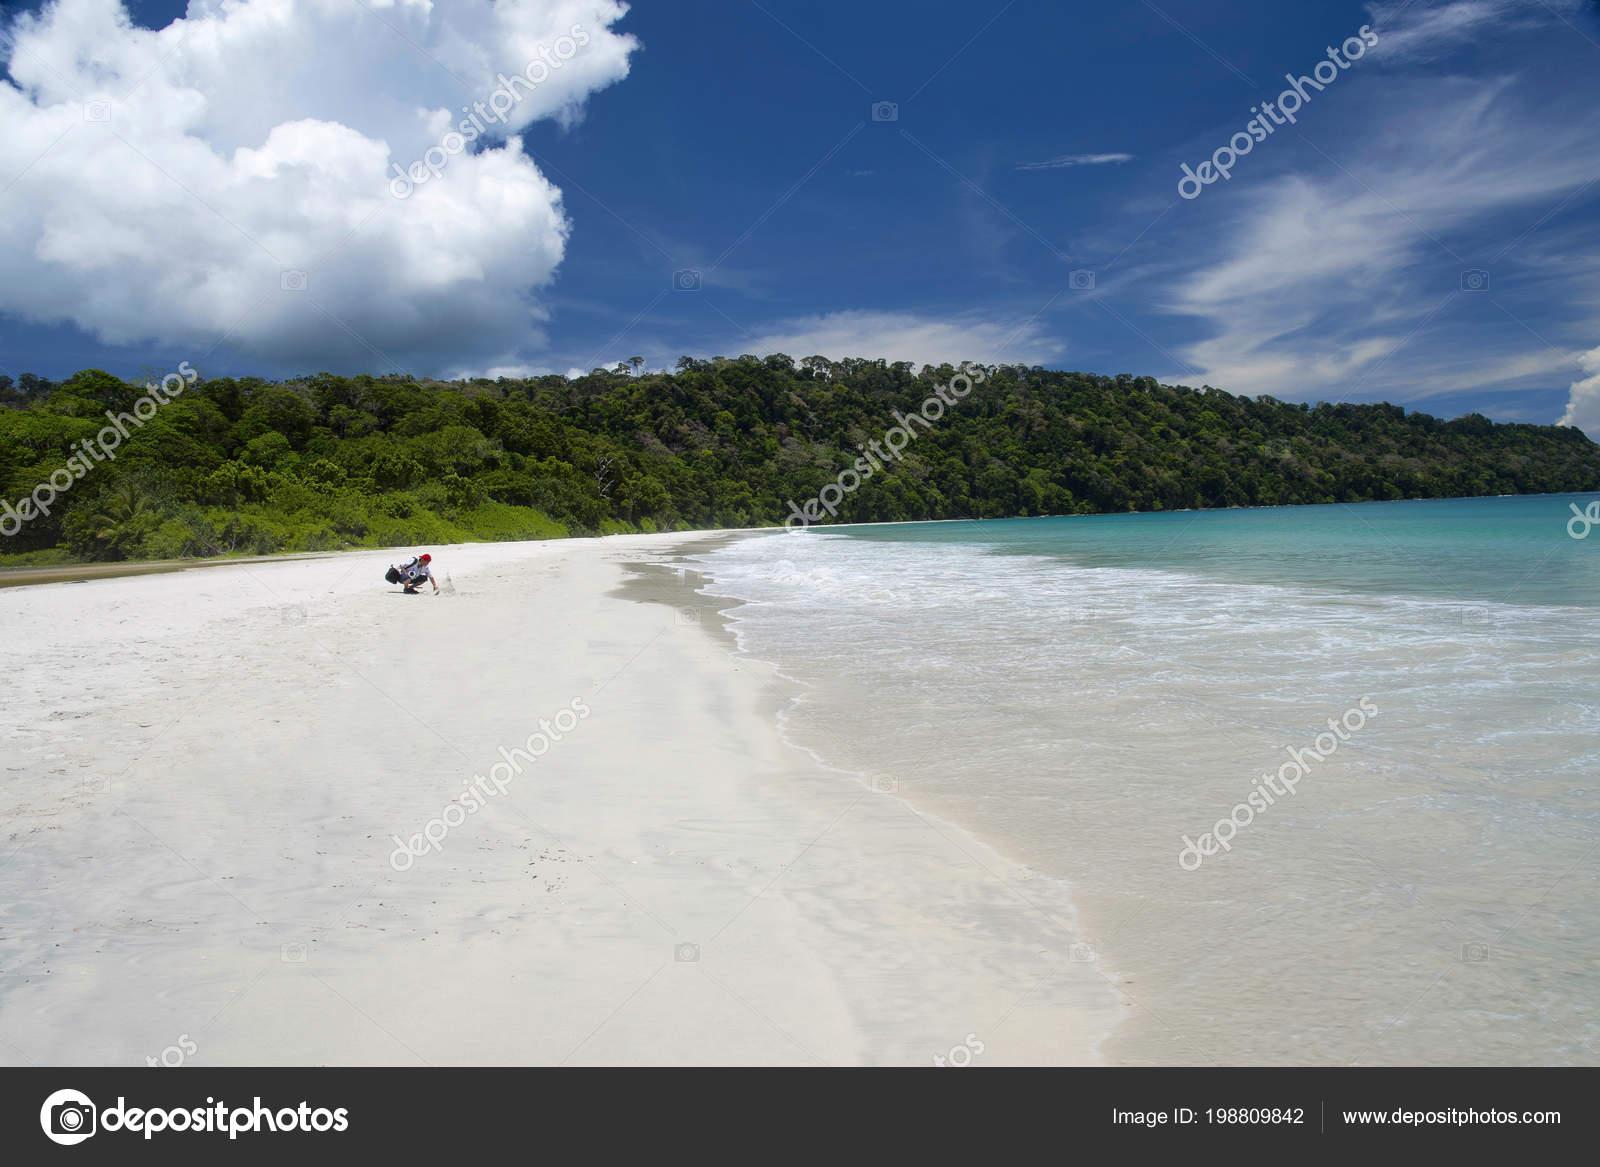 6d3363d1999f4 Una Las Mejores Playas Asia Situado Recorrido Horas Crucero Port ...